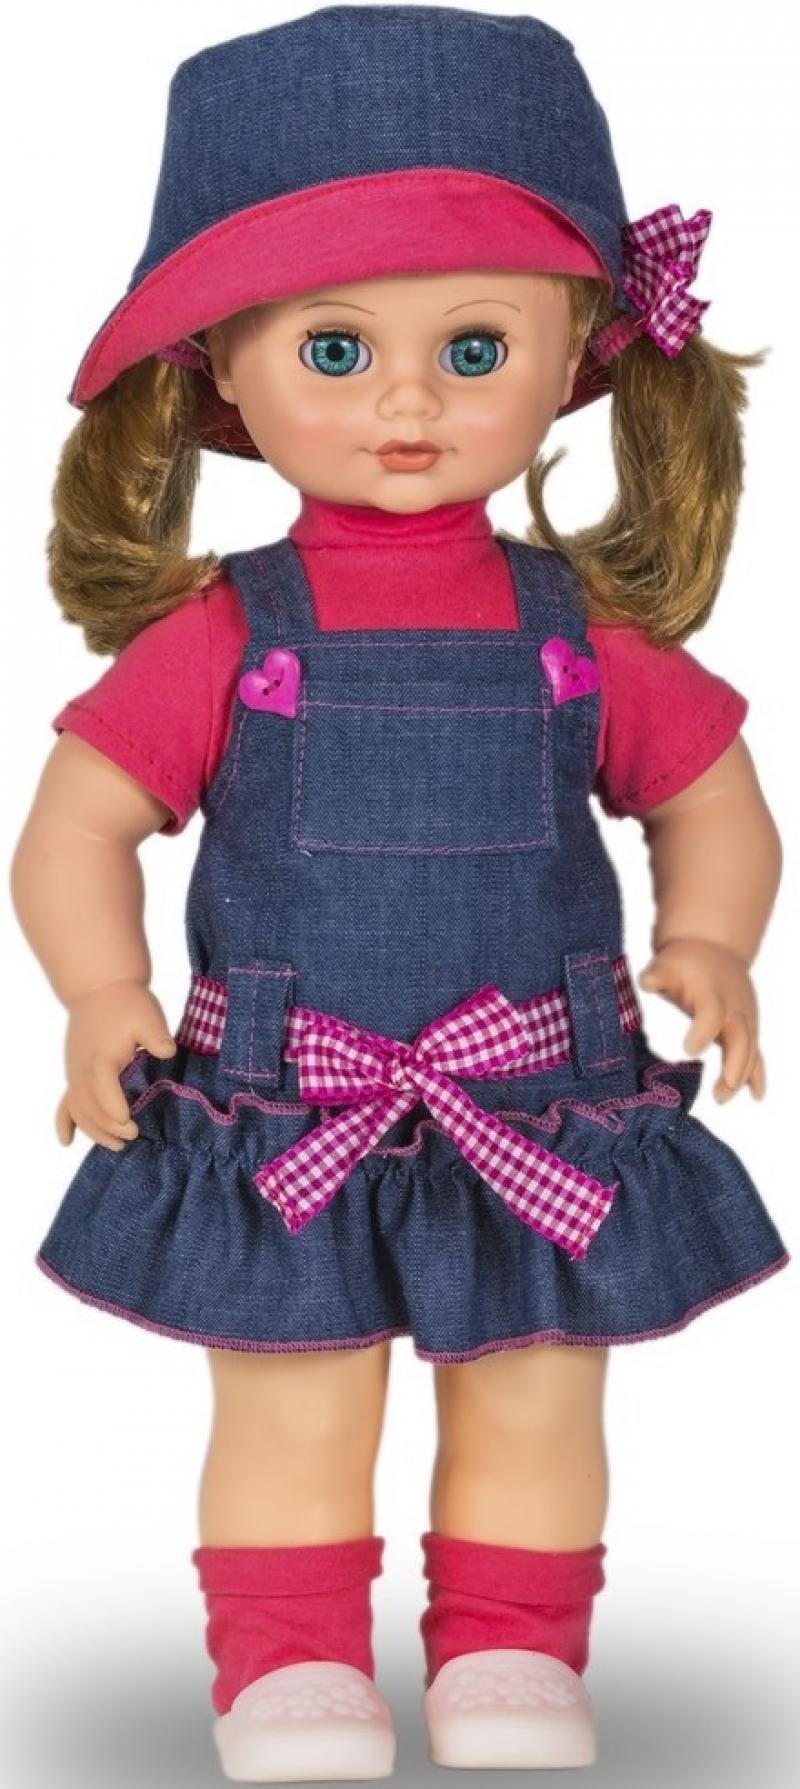 купить Кукла ВЕСНА Инна 21 (озвученная) В2623/о по цене 1192 рублей